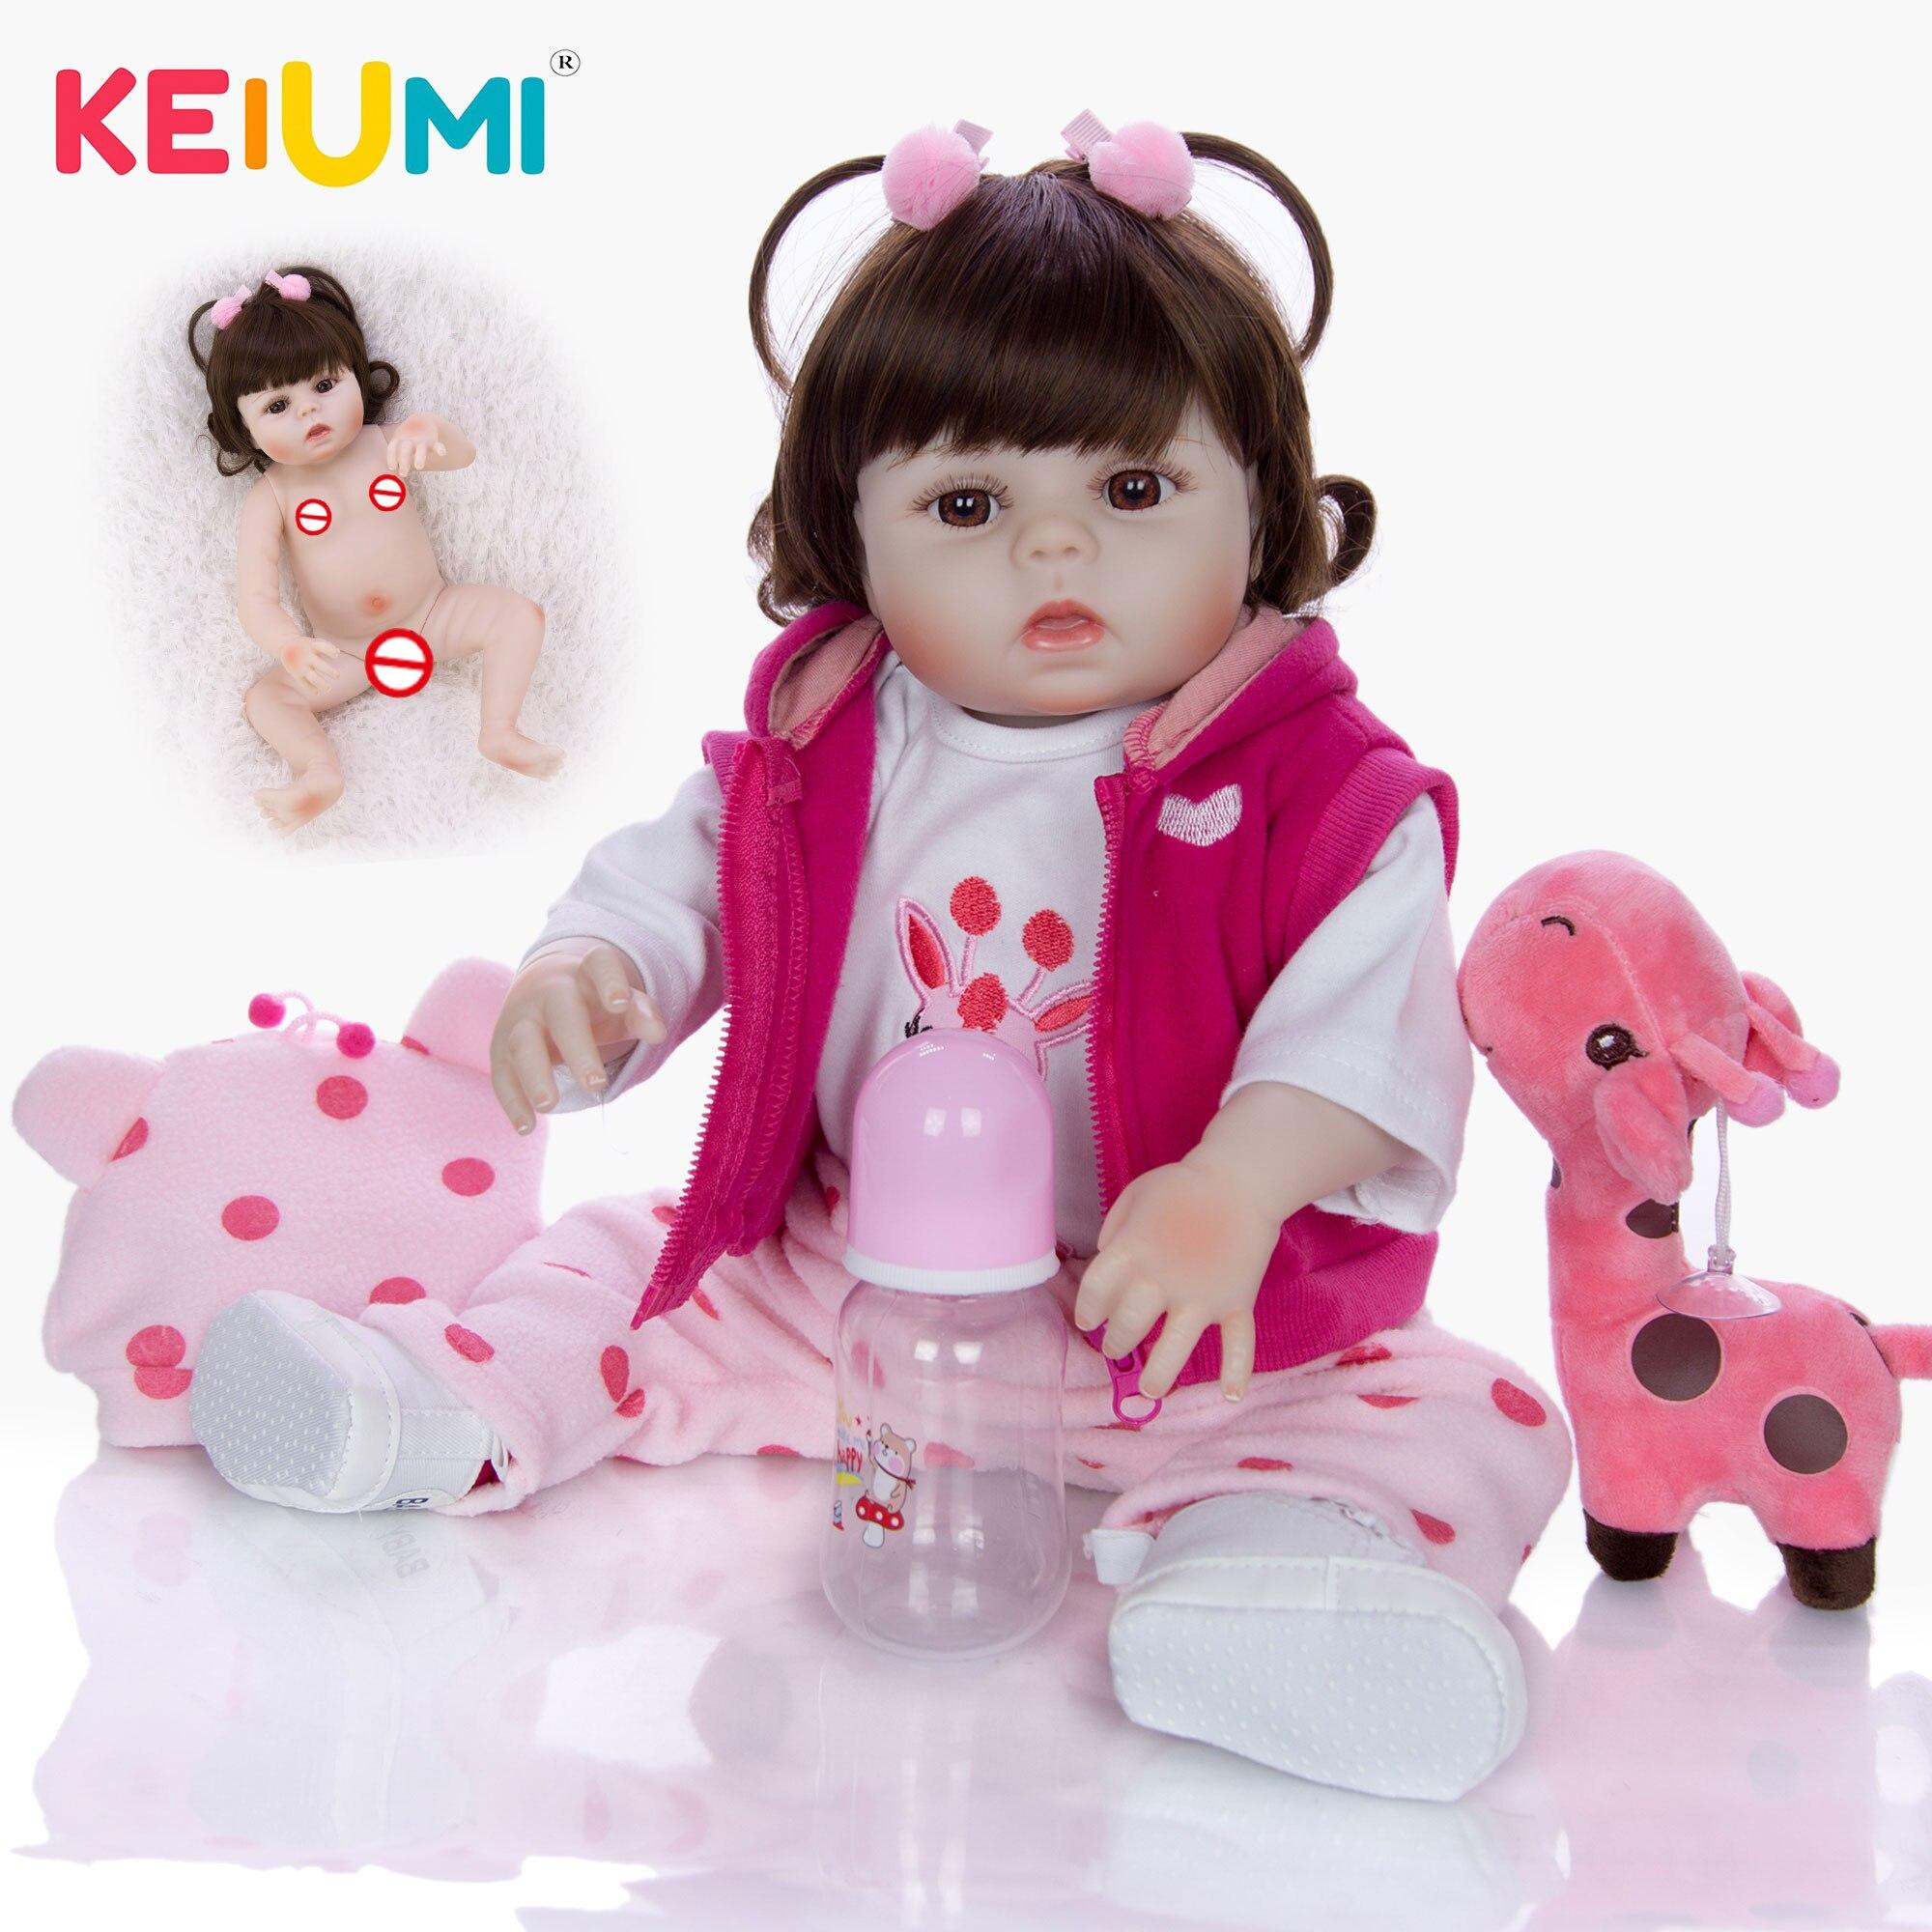 19 ''48 CM de silicona de cuerpo completo Reborn bebés muñeca baño juguete realista recién nacido princesa bebé muñeca Boneca Bebes Reborn niña chico juguete-in Muñecas from Juguetes y pasatiempos    1